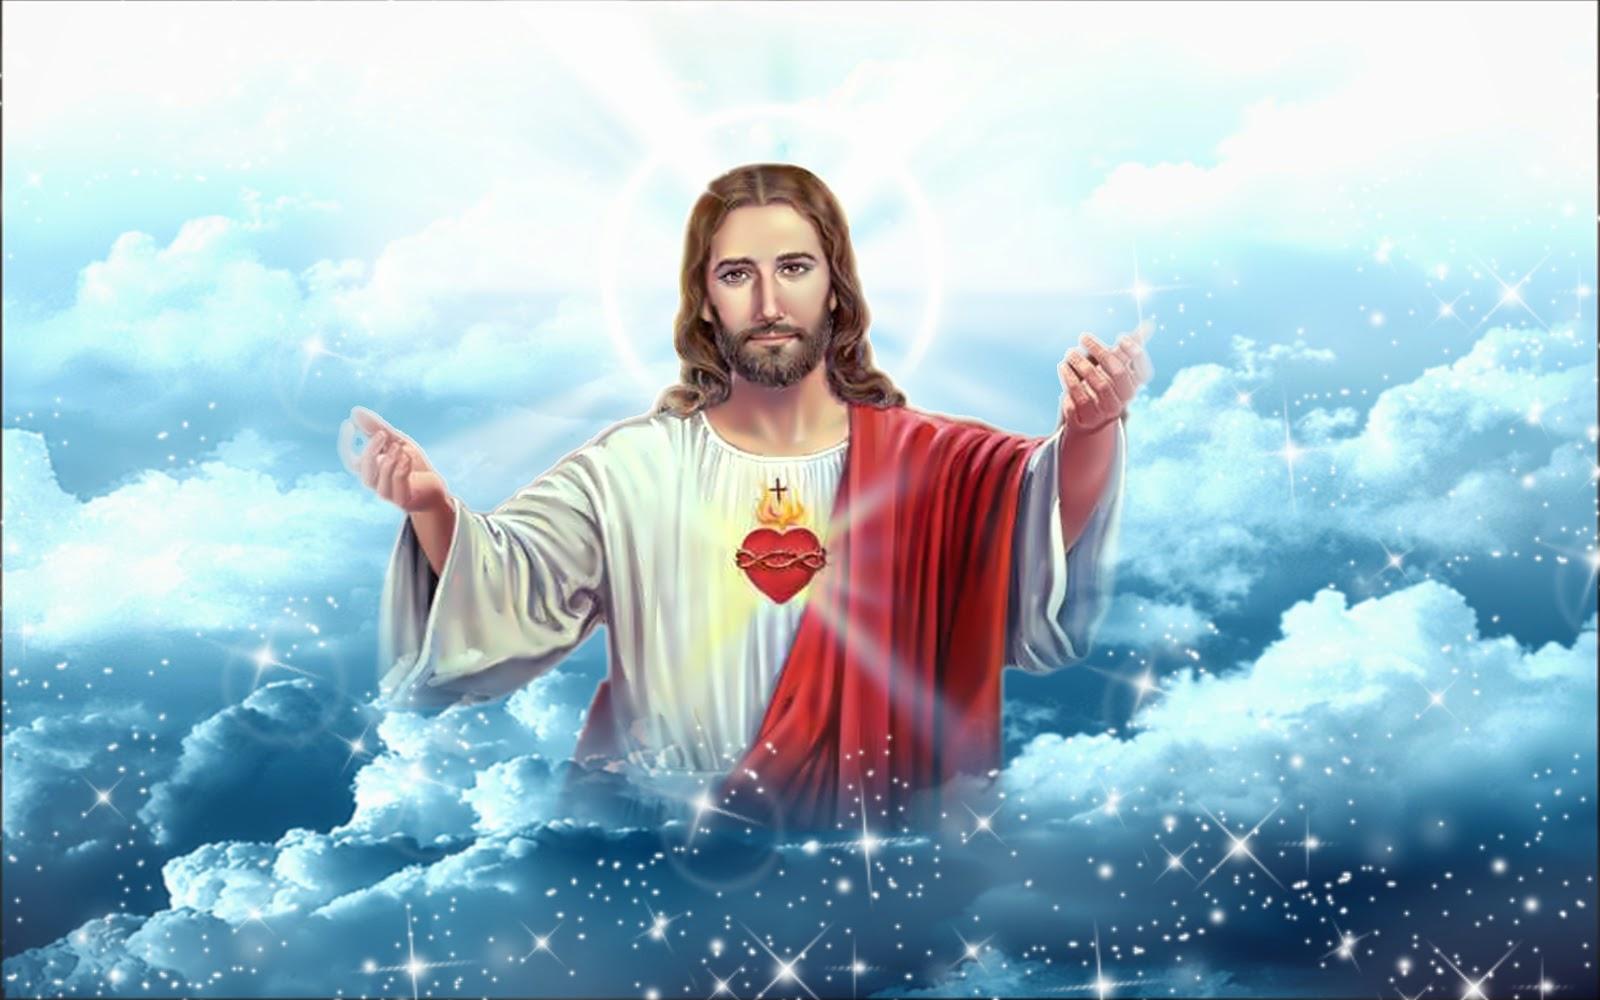 Ảnh đẹp về chúa jesus